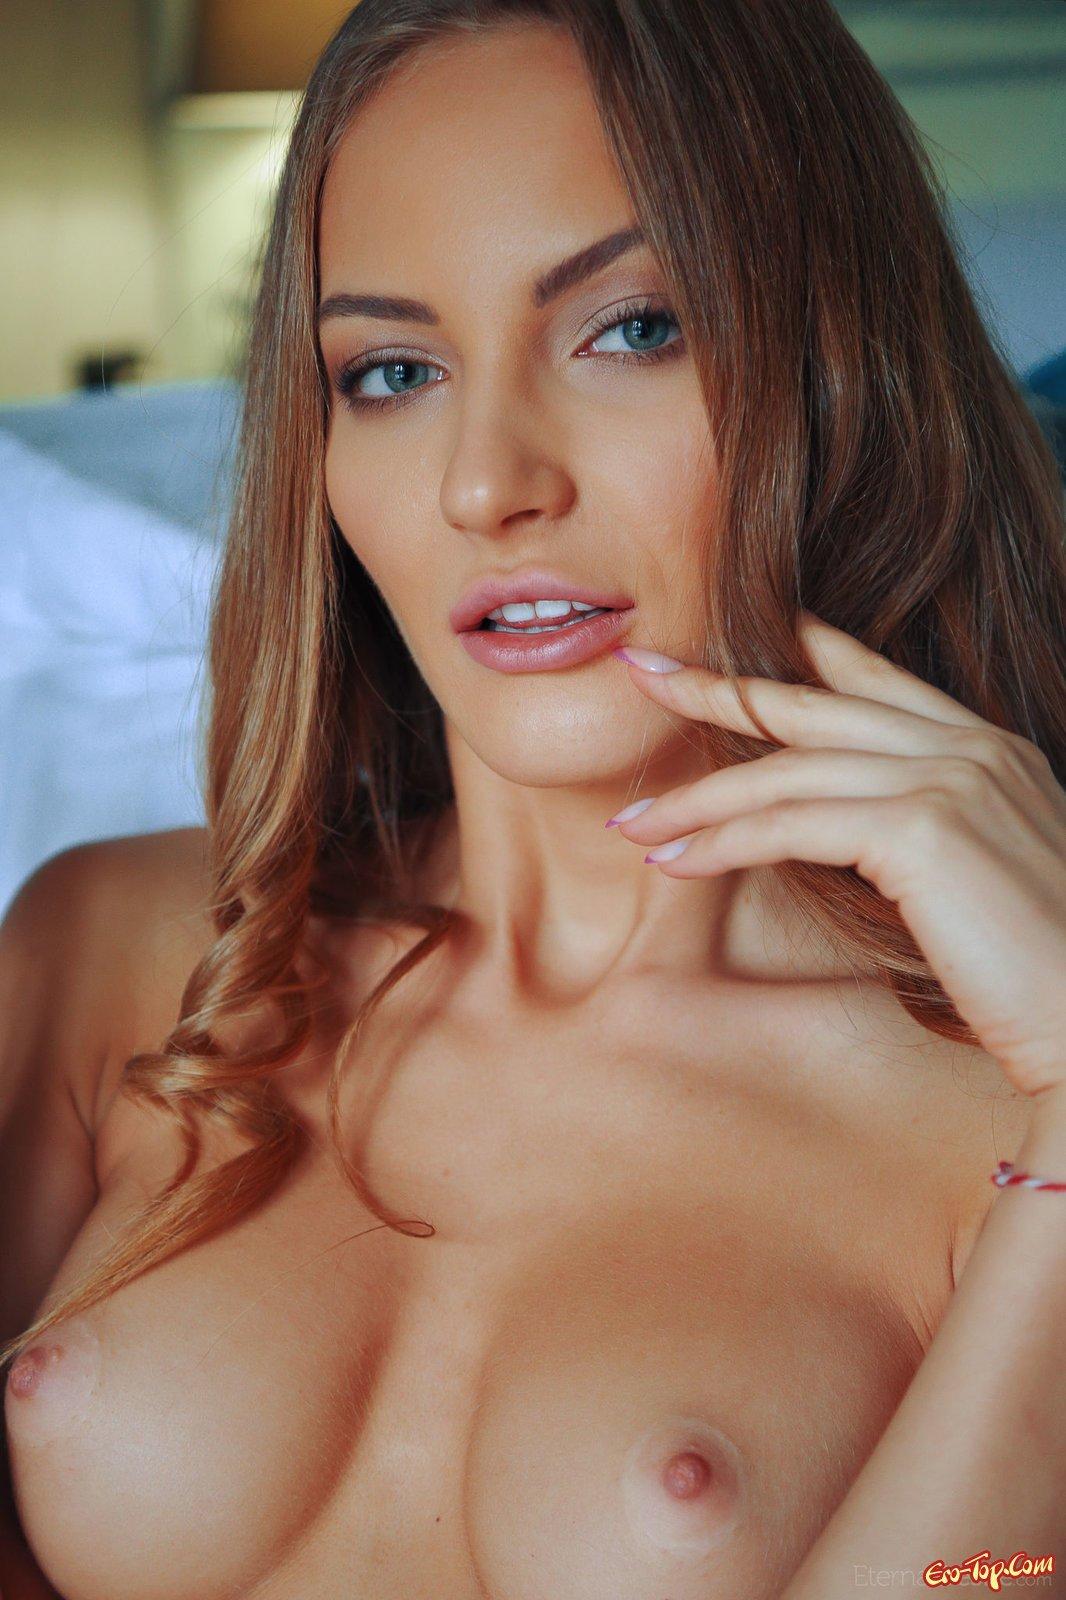 Стройная мадам в пеньюаре без трусов на кроватке смотреть эротику